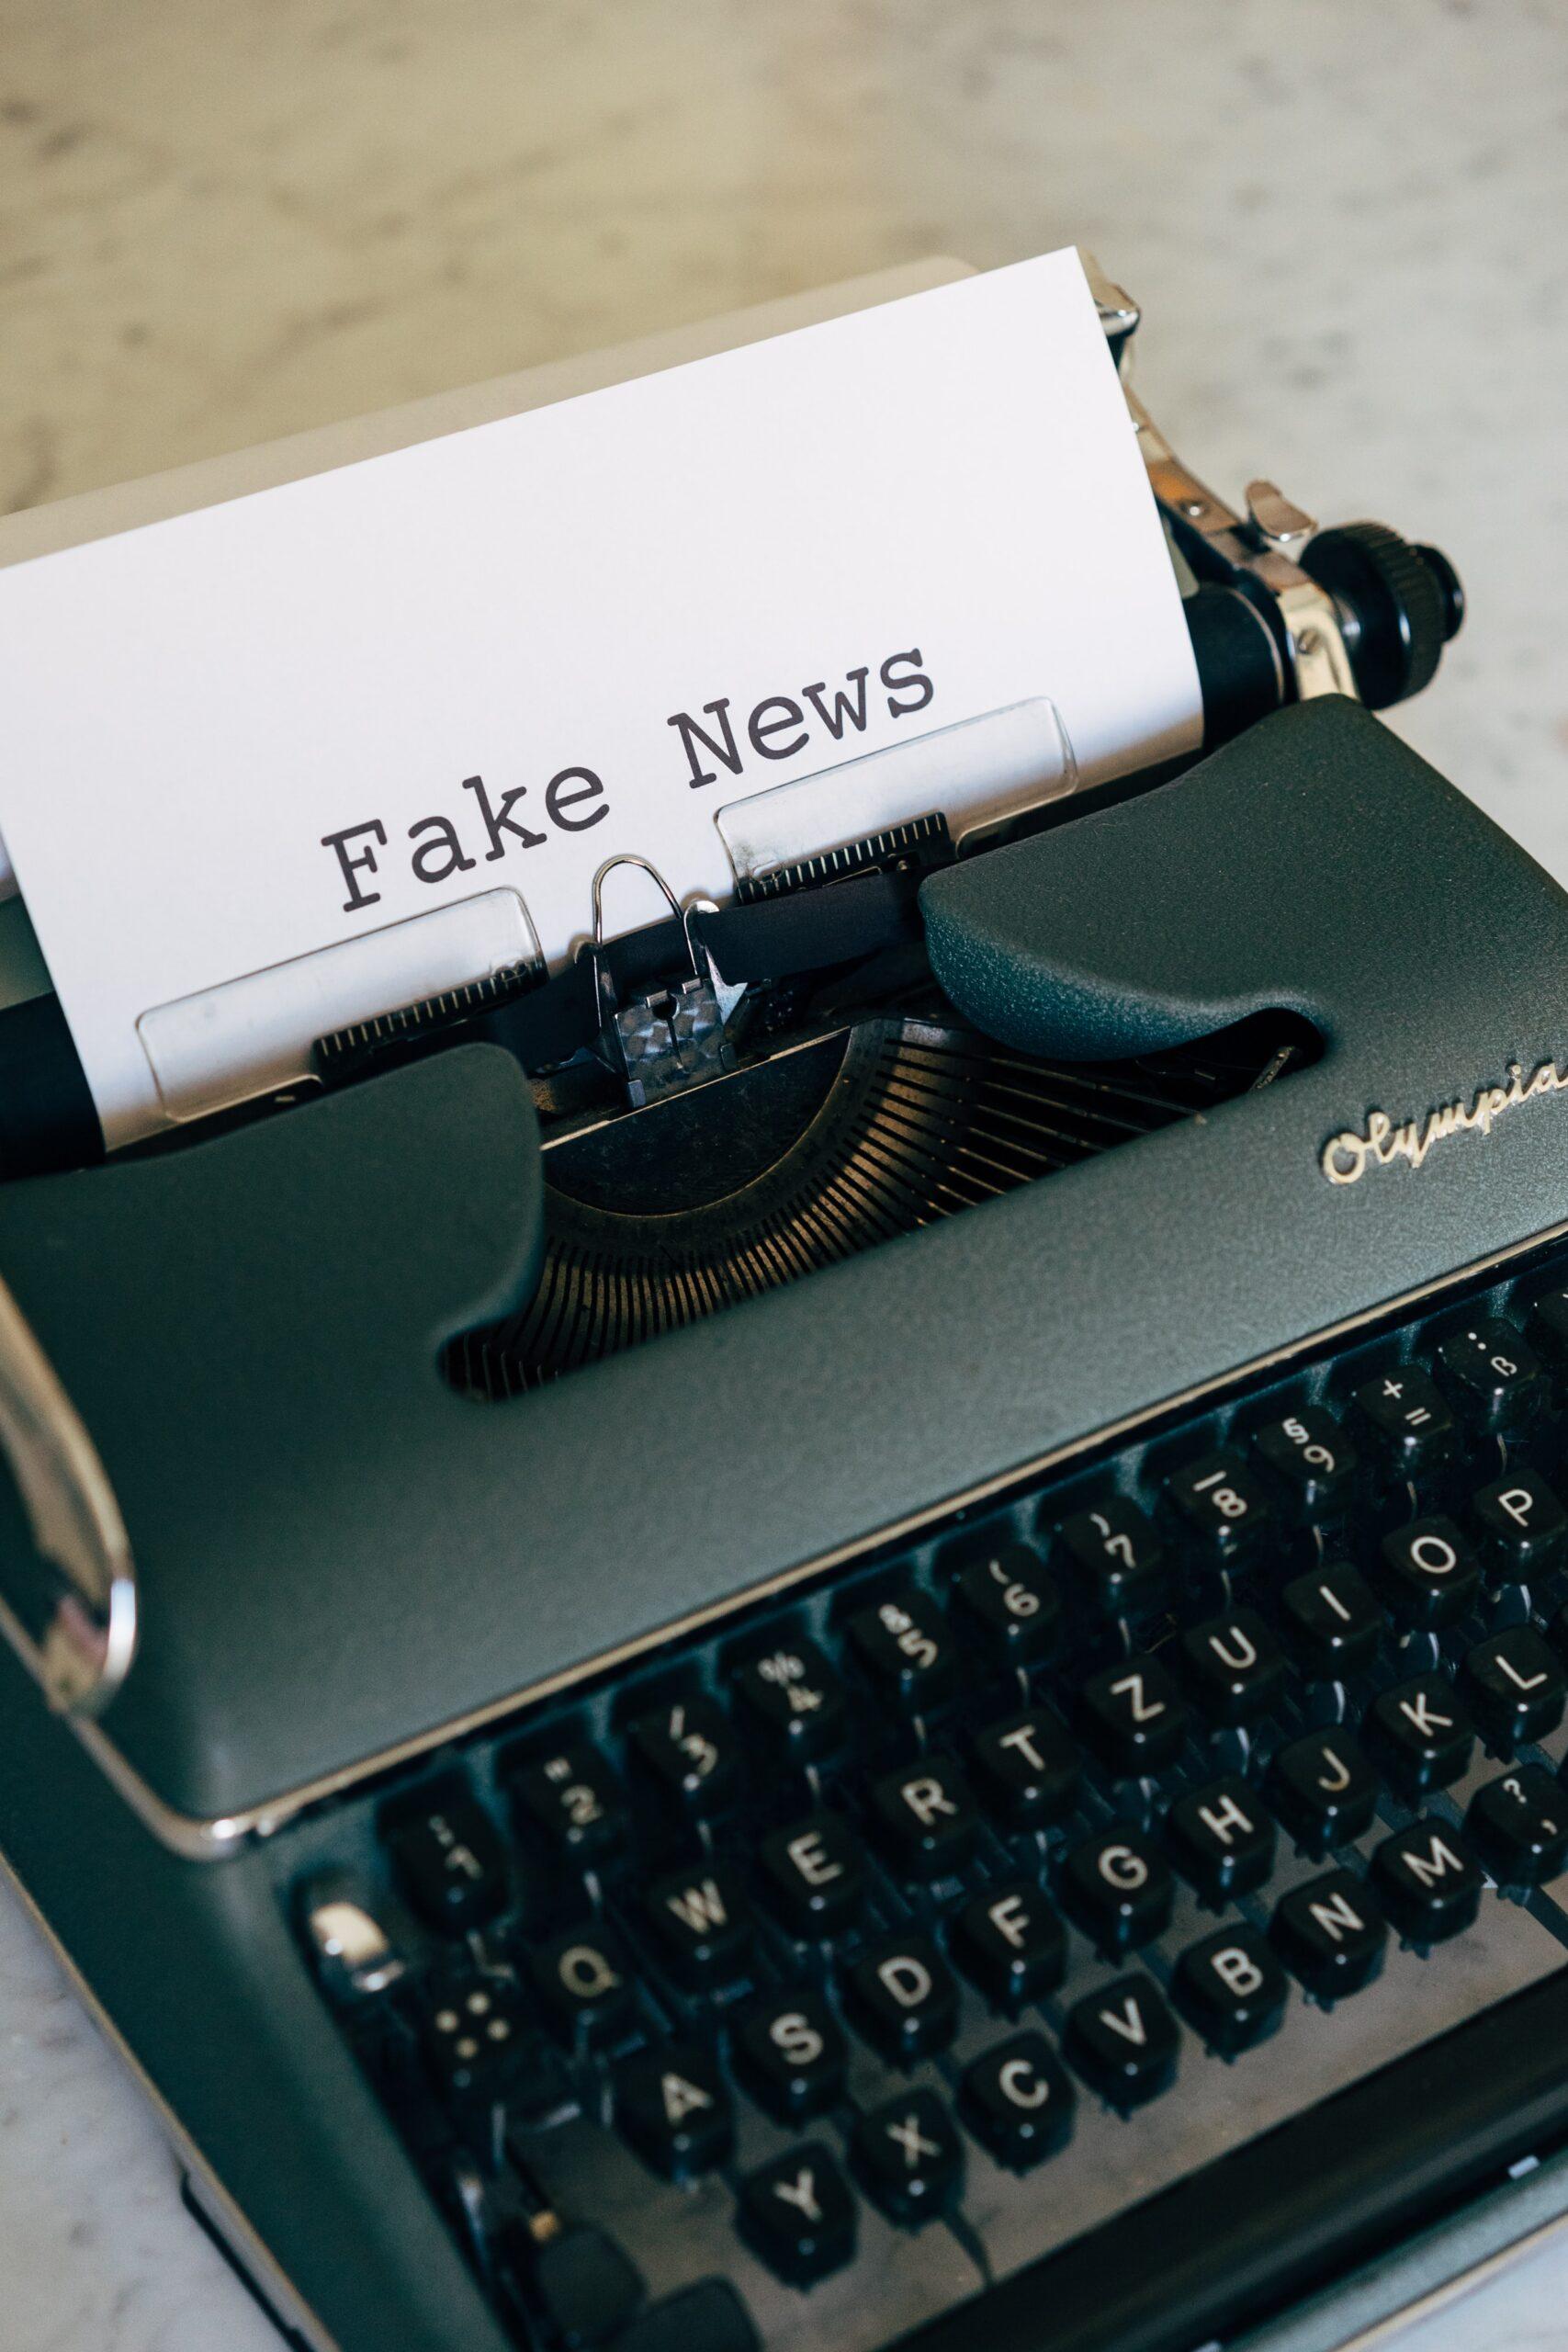 Adevărul, Evenimentul Zilei, TVR și Simona Halep despre Bitcoin